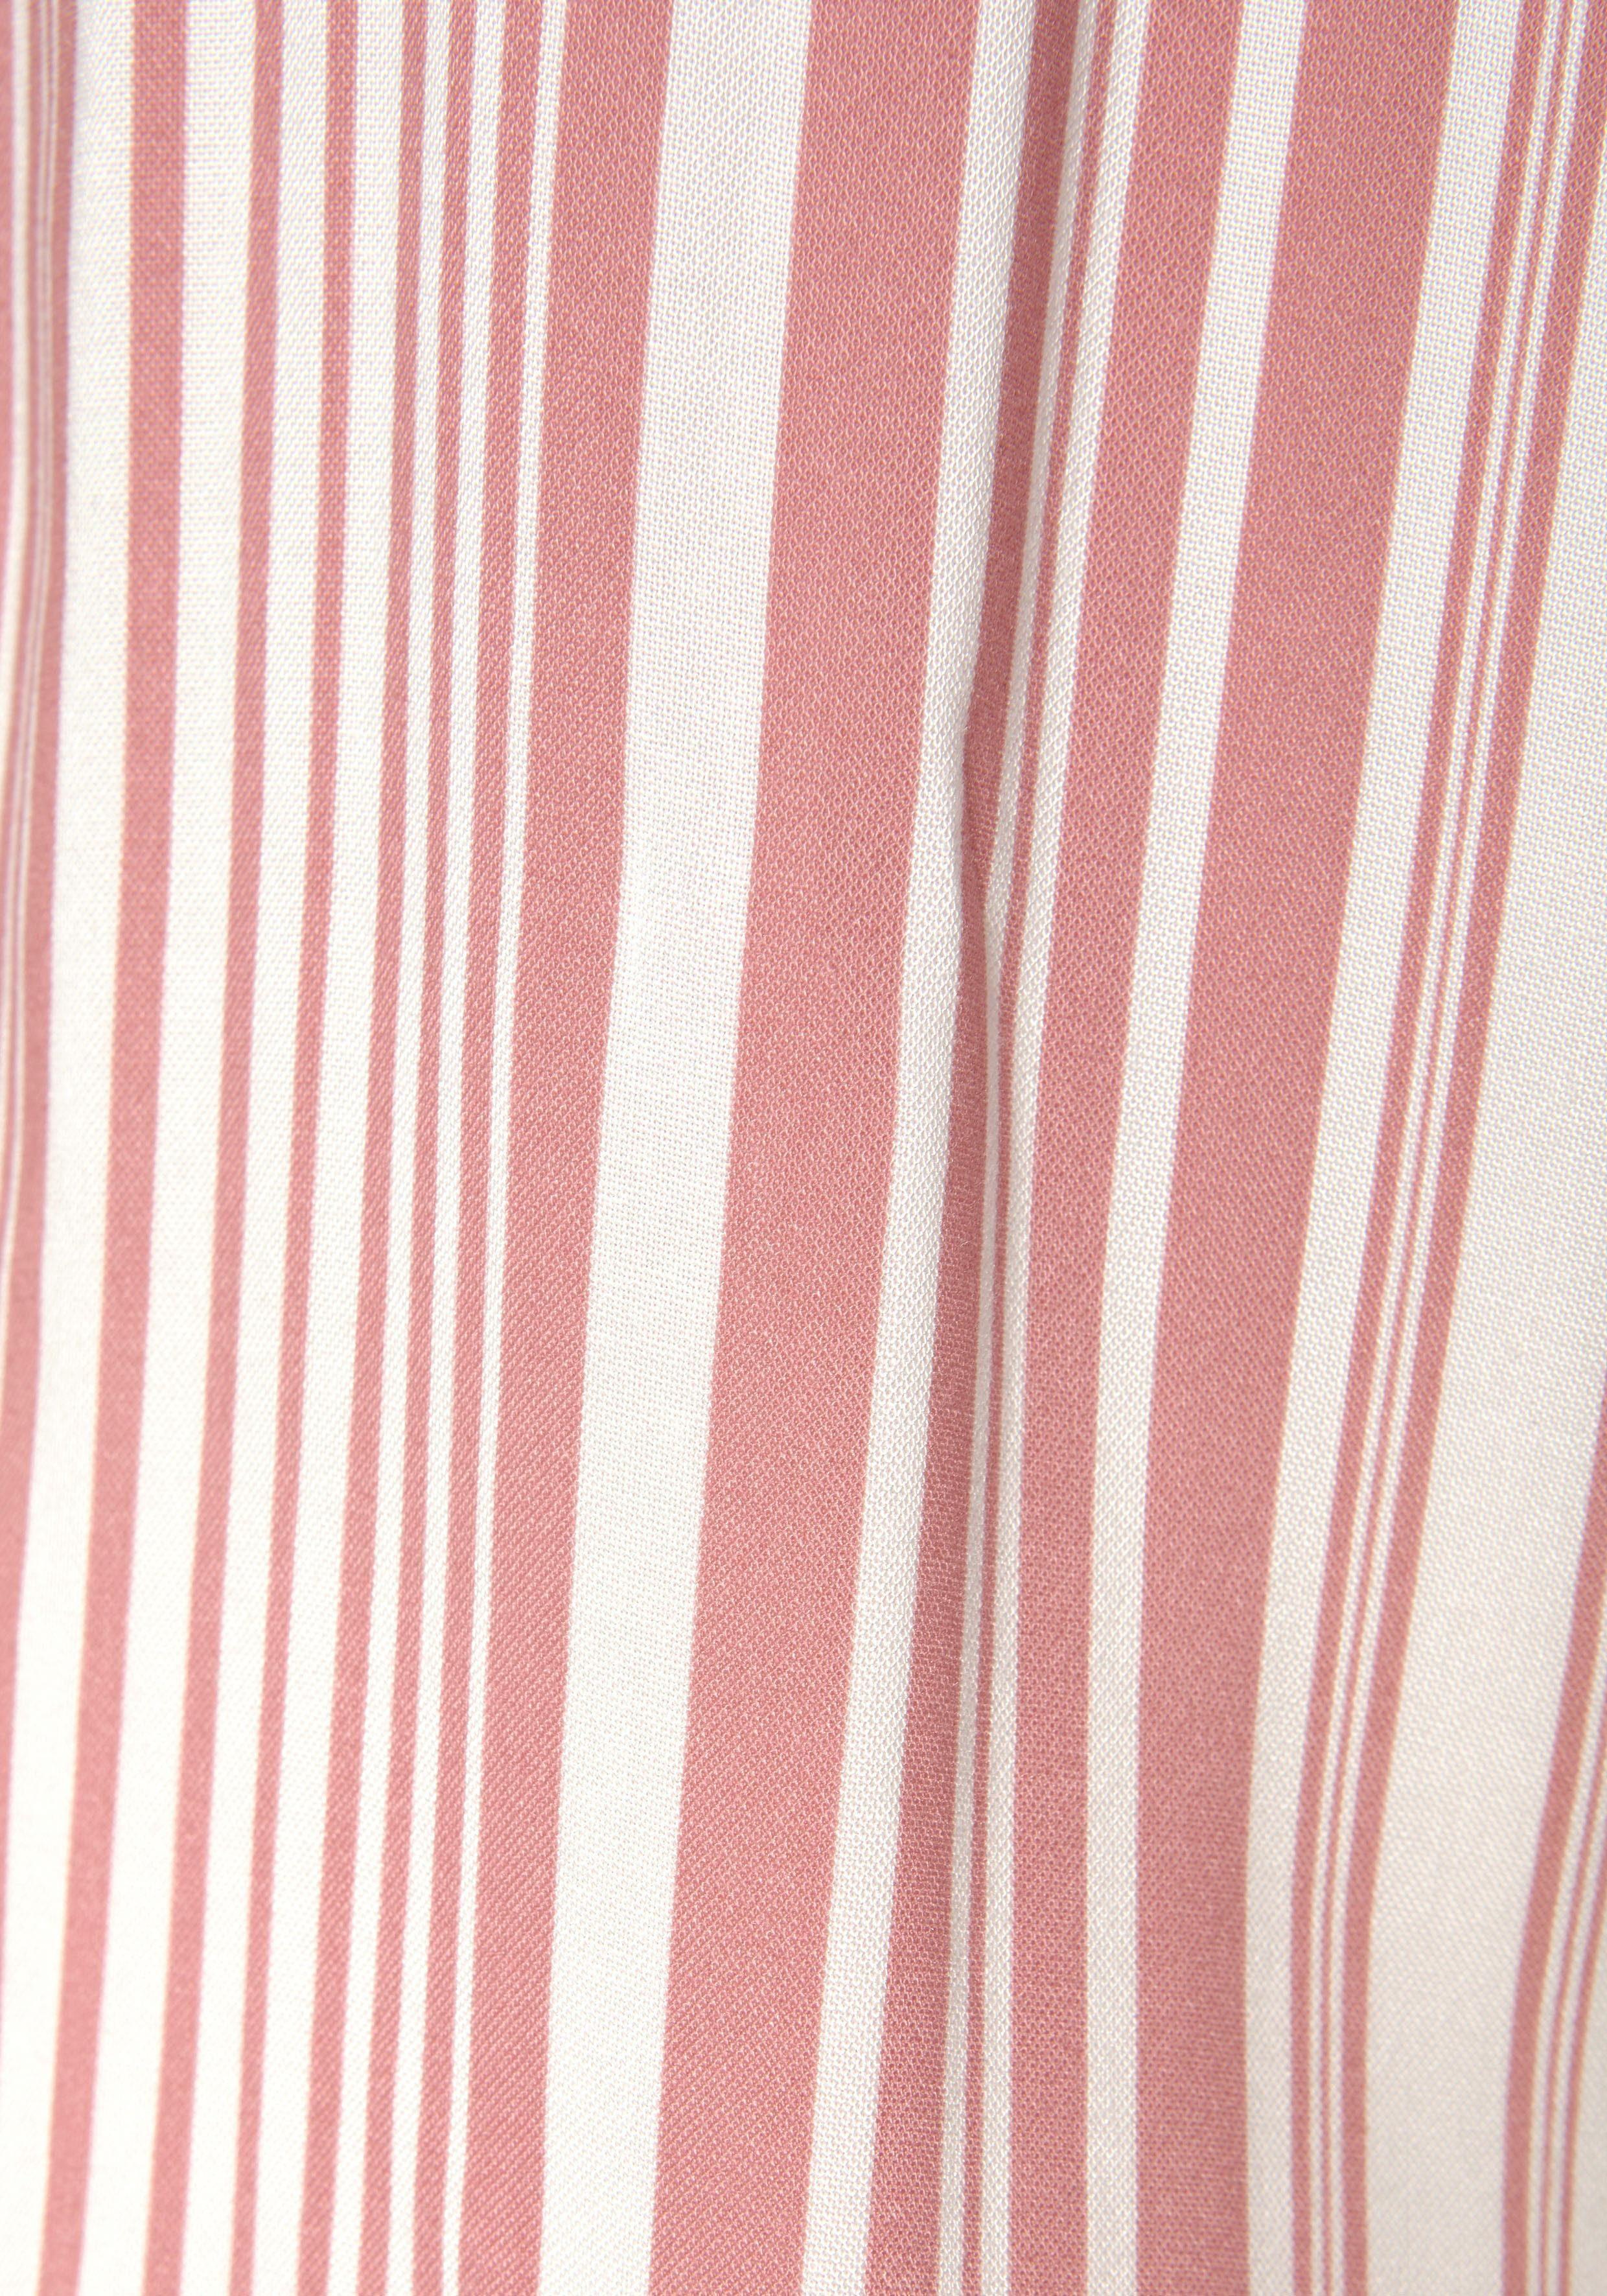 LASCANA Carmenbluse mit Streifenprint, 3/4-lange Ärmel mit Volant